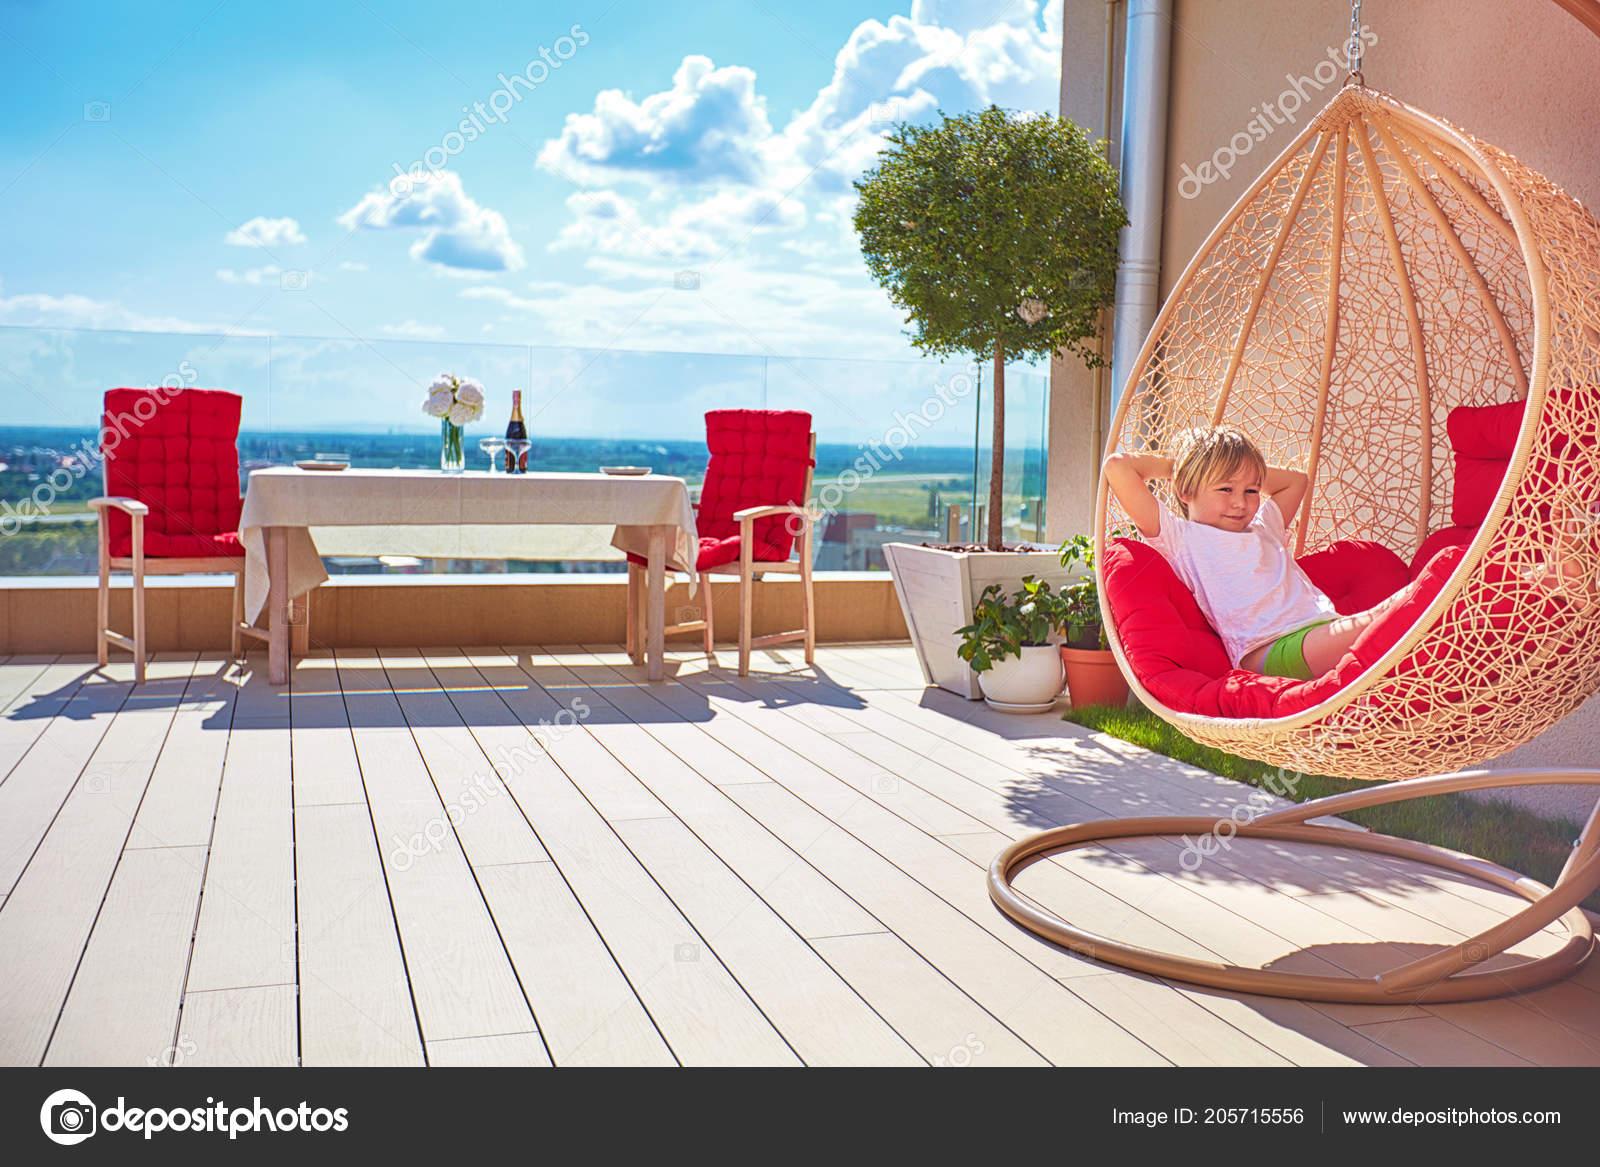 Jeune Garçon Détendre Dans Hamac Sur Terrasse Moderne Sur Toit